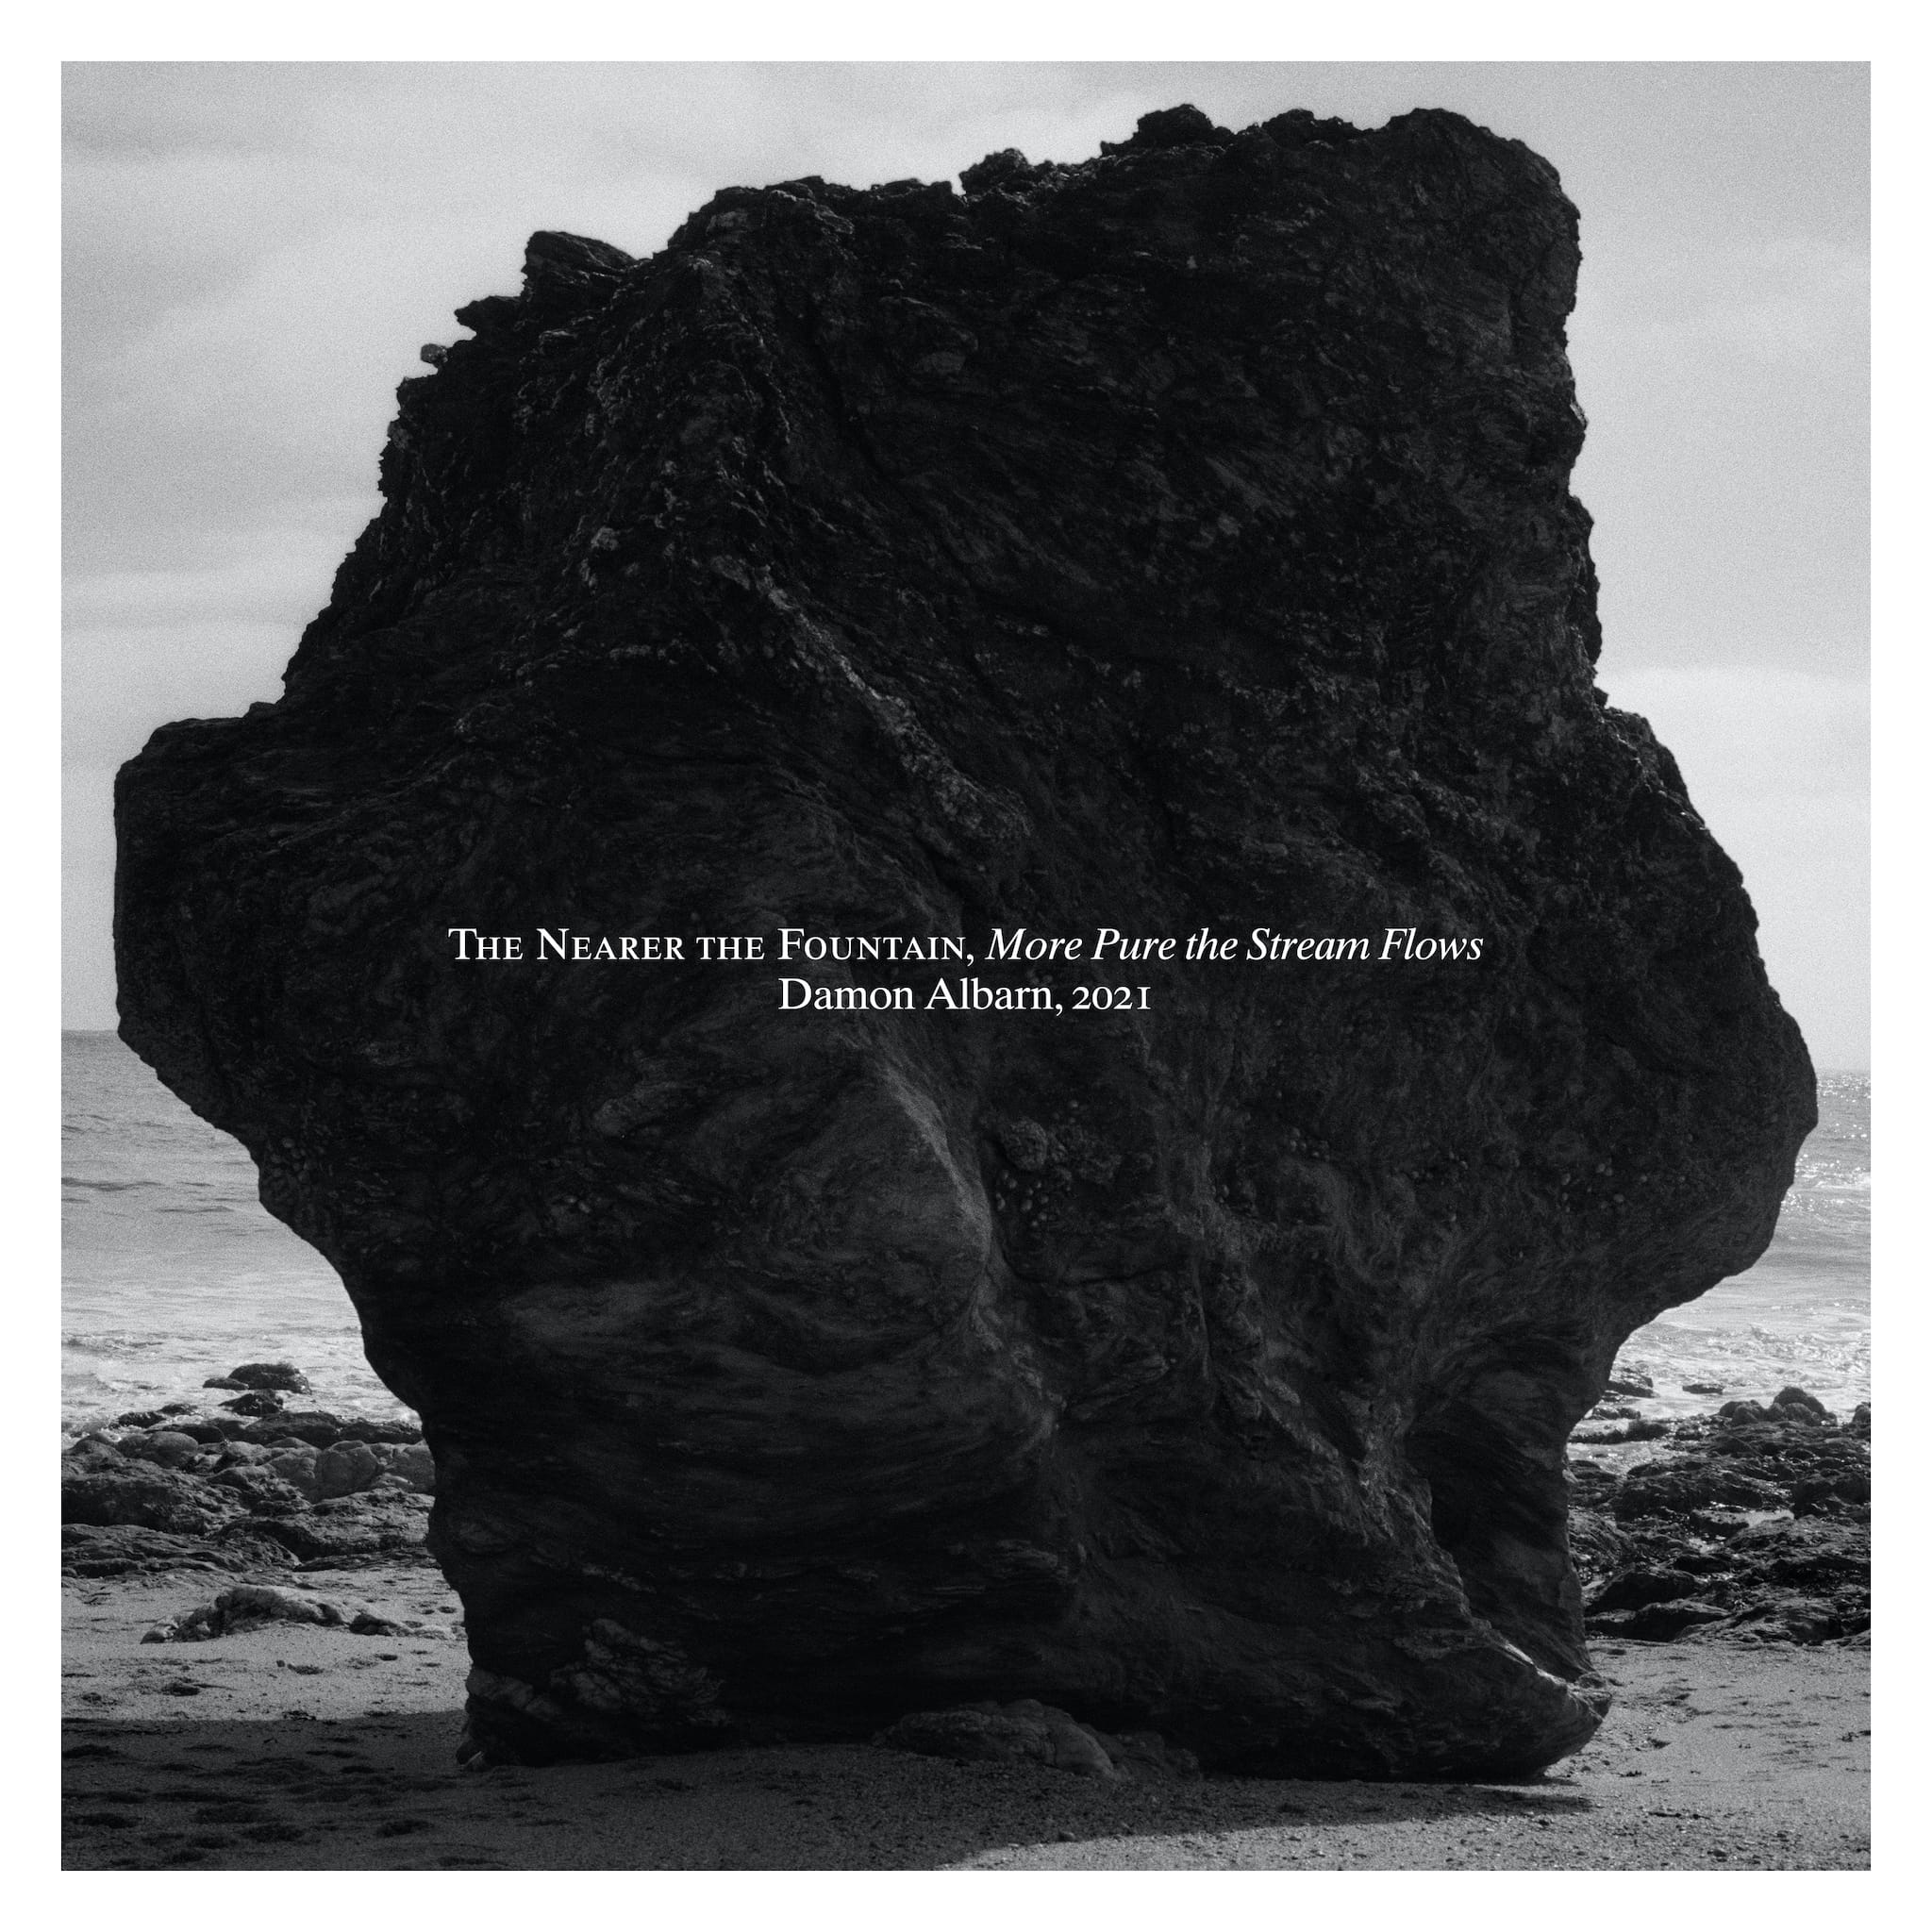 Damon Albarn album The Nearer The Fountain, More Pure The Stream Flows image musique